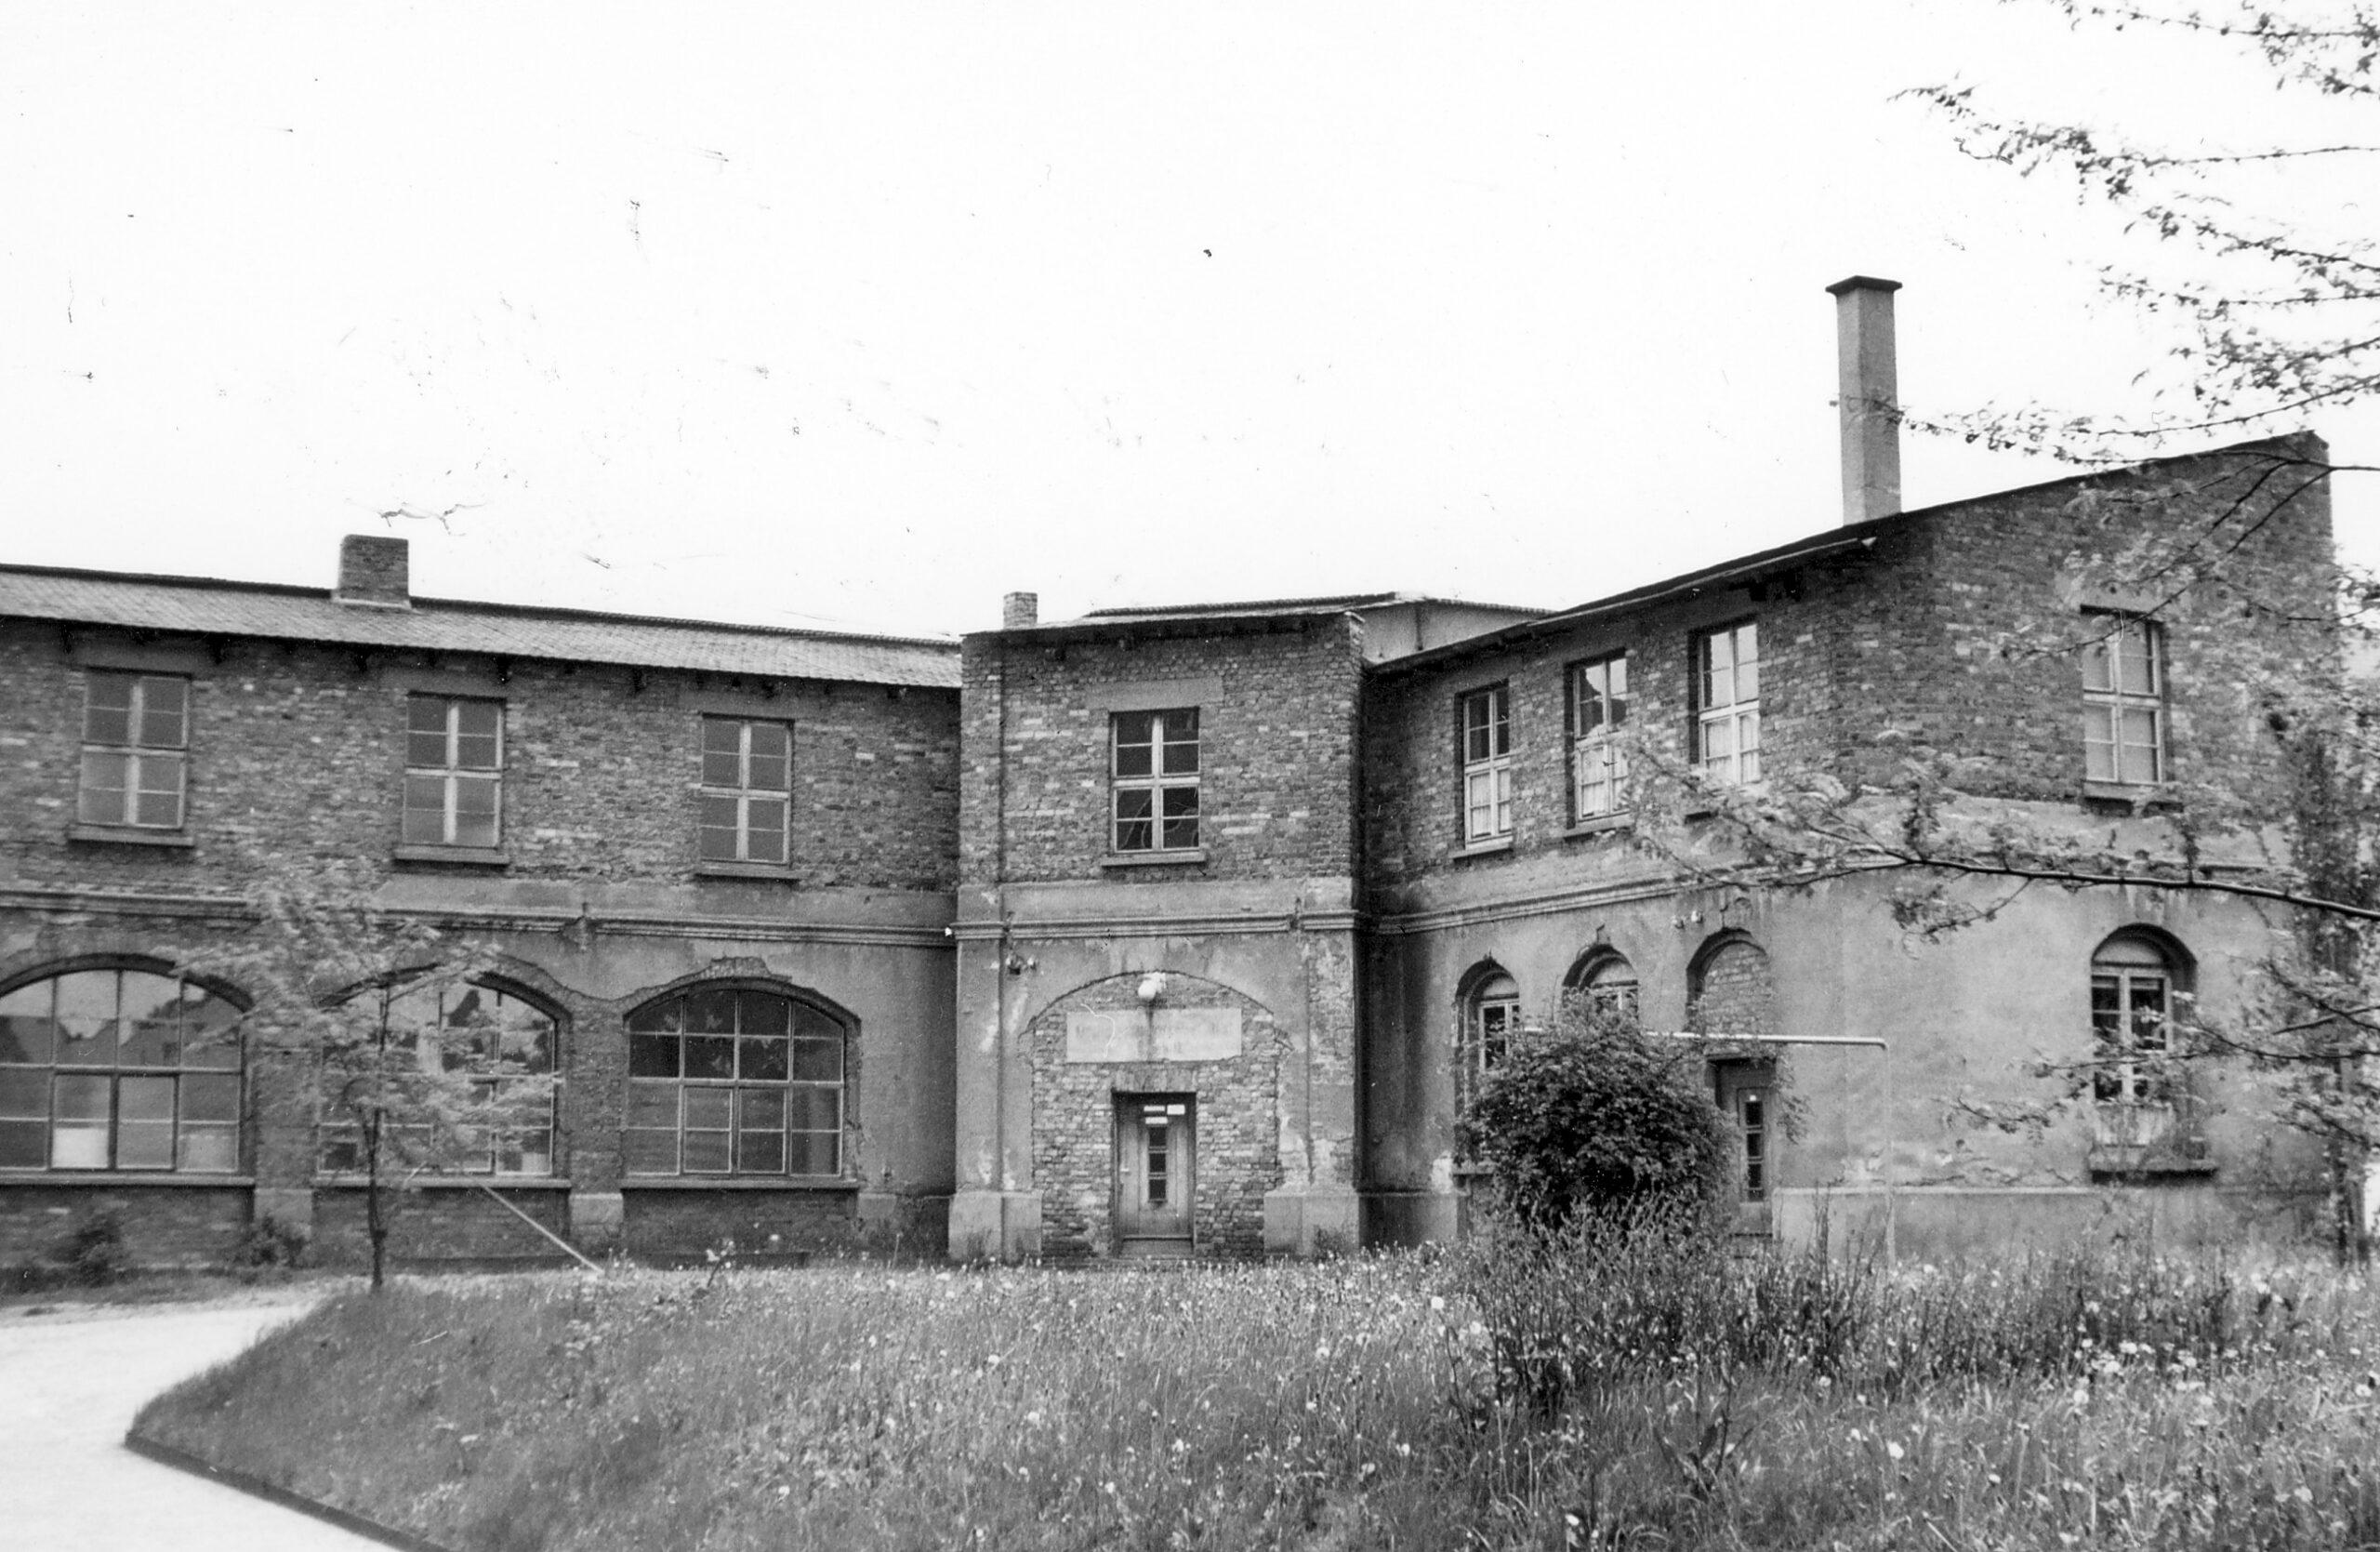 Längliches Gebäude mit großen Fenstern im Erdgeschoss und einer Backsteinfassade, von der teilweise der Putz gebrochen ist